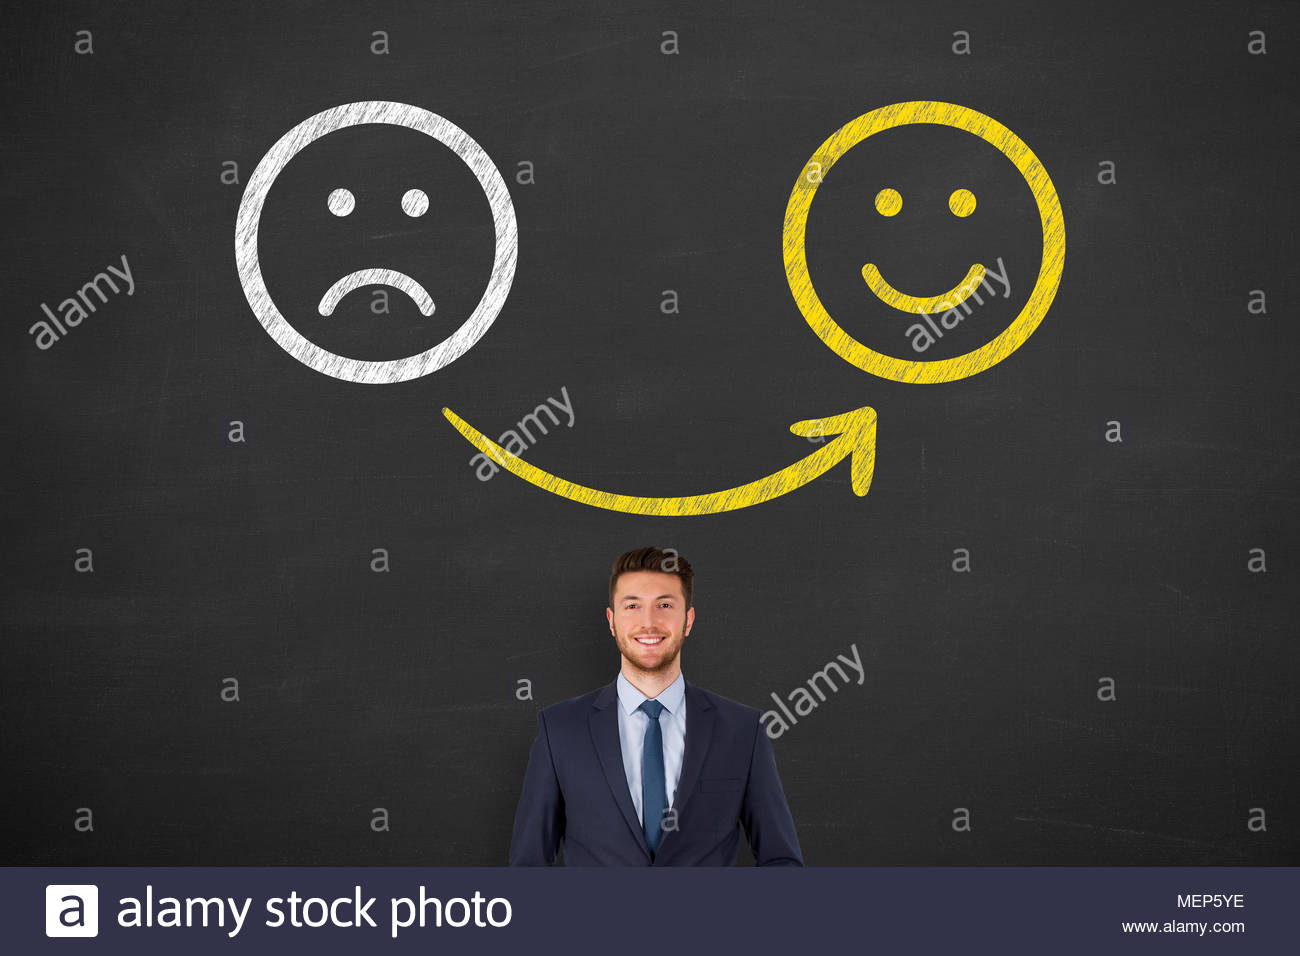 Infelici e faccina felice su sfondo Blackboard Immagini Stock